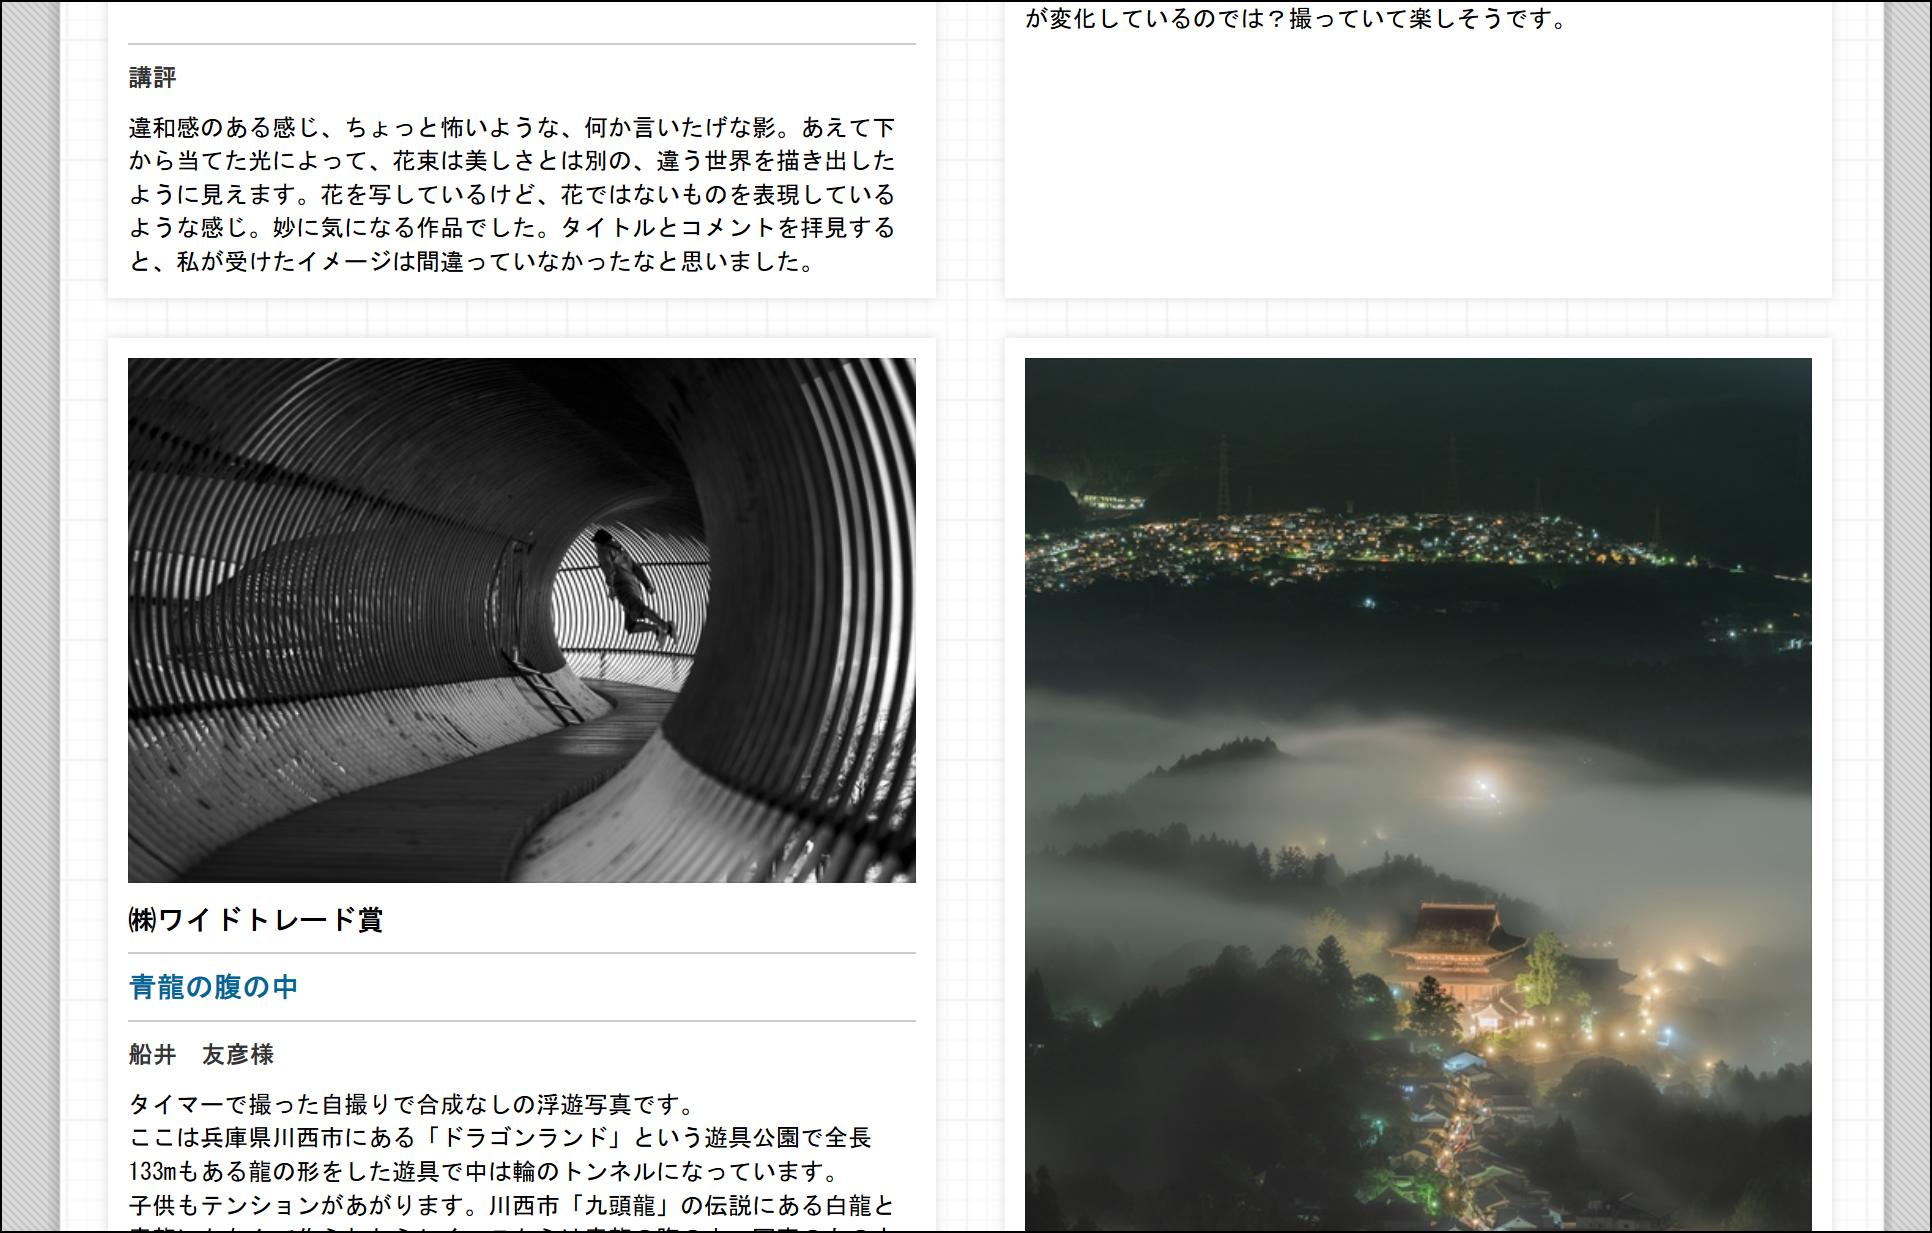 日本写真映像用品工業会のHPにて公開されています。